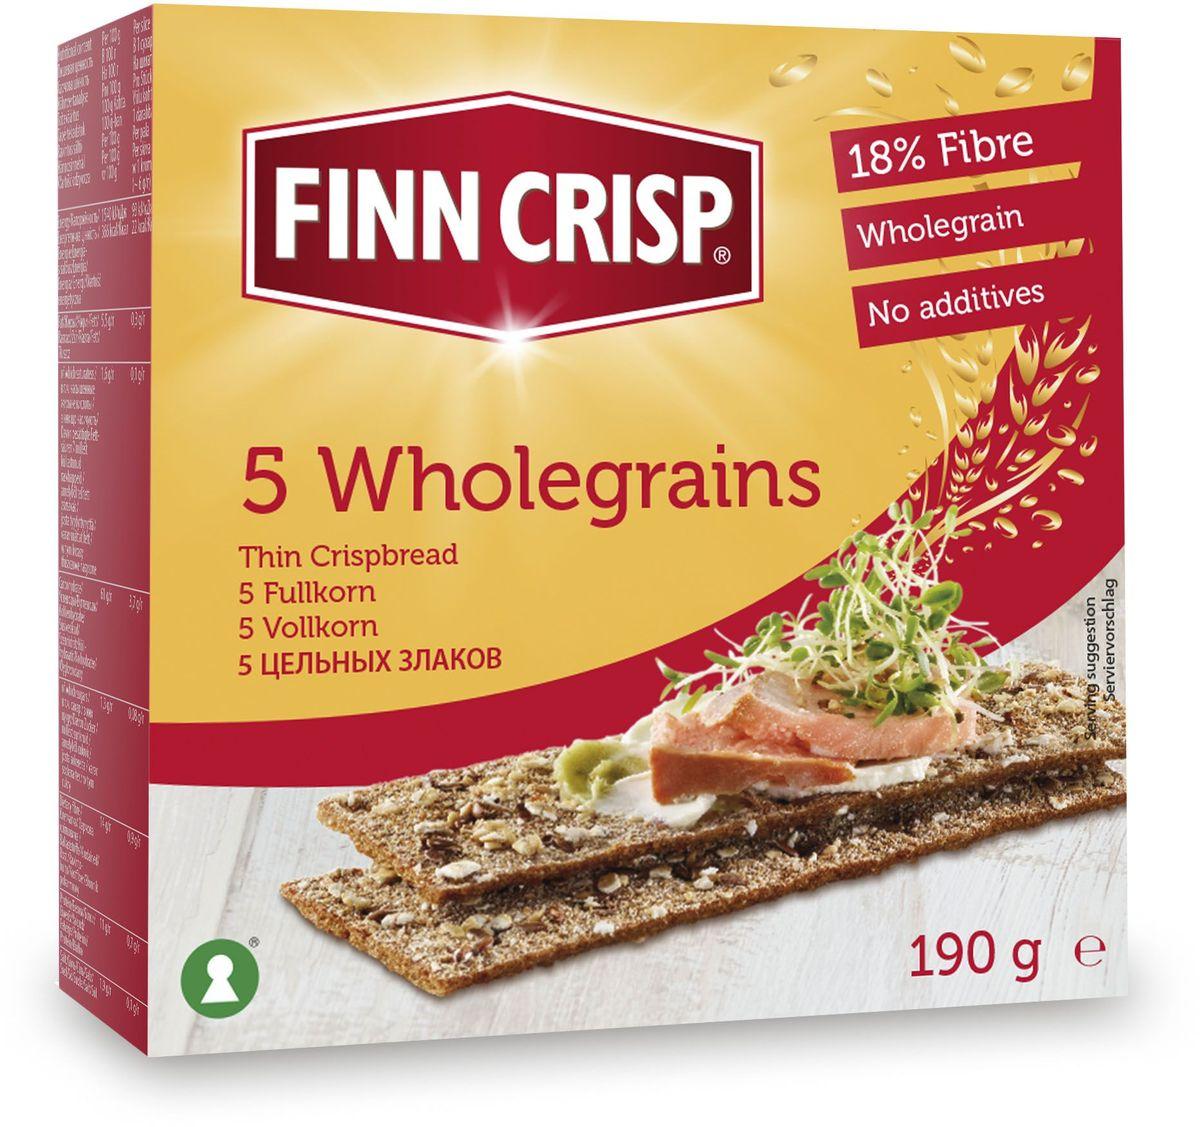 Finn Crisp 5 Wholegrain хлебцы 5 цельных злаков, 190 г212008В 1952 году началось производство сухариков FINN CRISP (ФИНН КРИСП), когда стартовали Олимпийские Игры в Хельсинки (Финляндия).Многие годы натуральные ржаные сухарики FINN CRISP отражают дух Финляндии для миллионов покупателей по всему миру, заботящихся о здоровом питании. Высушивать хлеб - давняя финская традиция и FINN CRISP до сих пор придерживаются этой традиции создавая хлебцы по старому классическому финскому рецепту.Бренд FINN CRISP принадлежит компании VAASAN Group's.VAASAN - это крупнейшая хлебопекарная компания в Балтийском регионе со столетней историей, занимающаяся производством продукции для правильного и здорового питания. Занимающая второе место по производству сухариков и хлебцев, а её продукция экспортируются в более чем 50 государств!